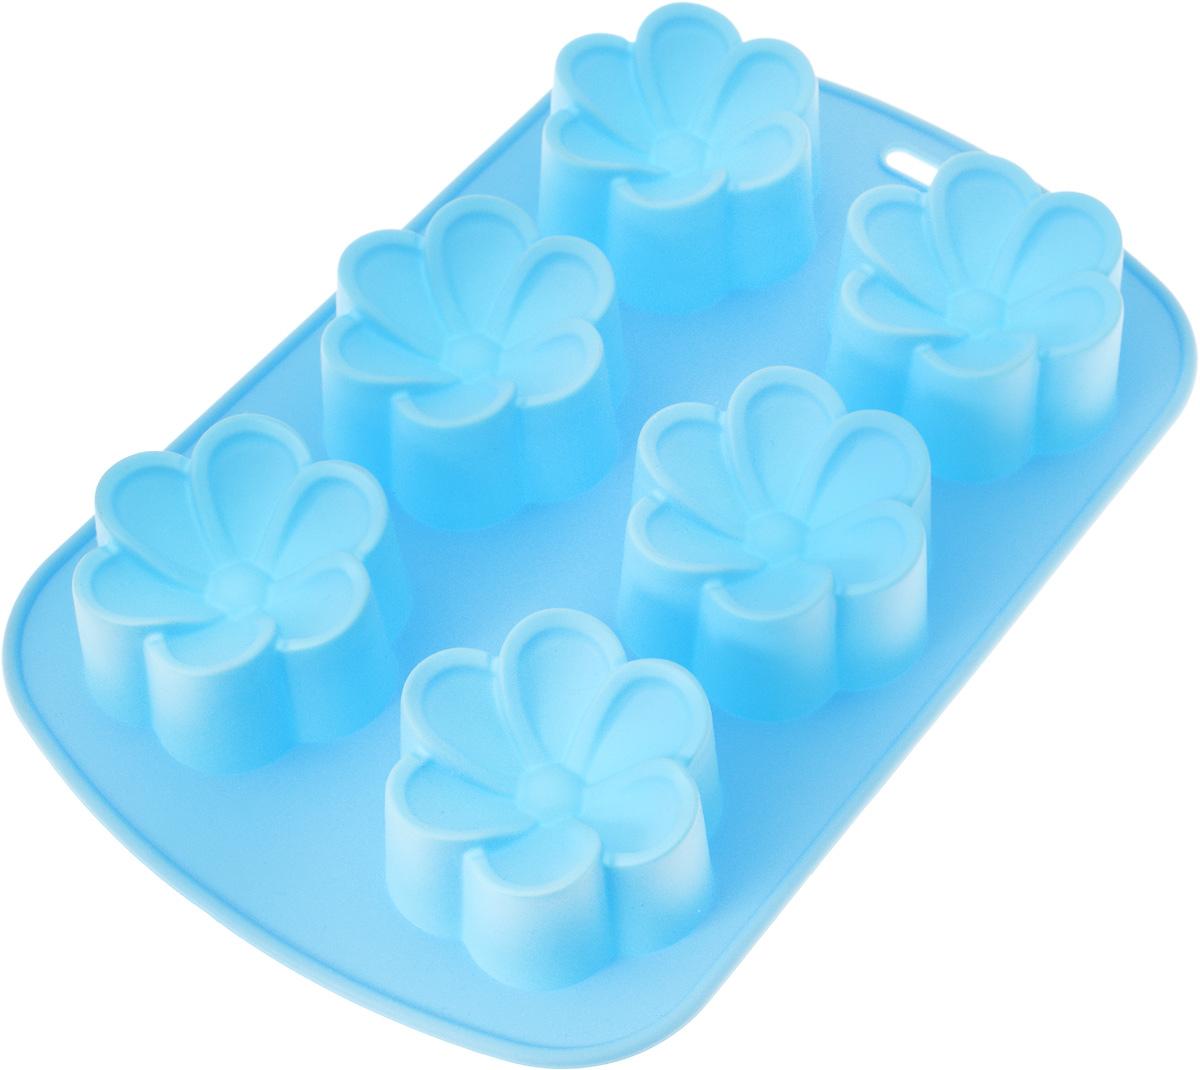 Форма для выпечки Mayer & Boch Ромашки, силиконовая, цвет: голубой, 6 ячеек21979_голубойФорма Mayer & Boch Ромашки, выполненная из силикона, будет отличным выбором для всех любителей домашней выпечки. Форма имеет 6 ячеек в виде цветков. Силиконовые формы для выпечки имеют множество преимуществ по сравнению с традиционными металлическими формами и противнями. Нет необходимости смазывать форму маслом. Форма быстро нагревается, равномерно пропекает, не допускает подгорания выпечки с краев или снизу. Вынимать продукты из формы очень легко. Слегка выверните края формы или оттяните в сторону, и ваша выпечка легко выскользнет из формы. Материал устойчив к фруктовым кислотам, не ржавеет, на нем не образуются пятна. Форма может быть использована в духовках и микроволновых печах (выдерживает температуру от -40°С до +230°С), также ее можно помещать в морозильную камеру и холодильник. Можно мыть в посудомоечной машине.Размер ячейки: 6 х 7 х 3 см.